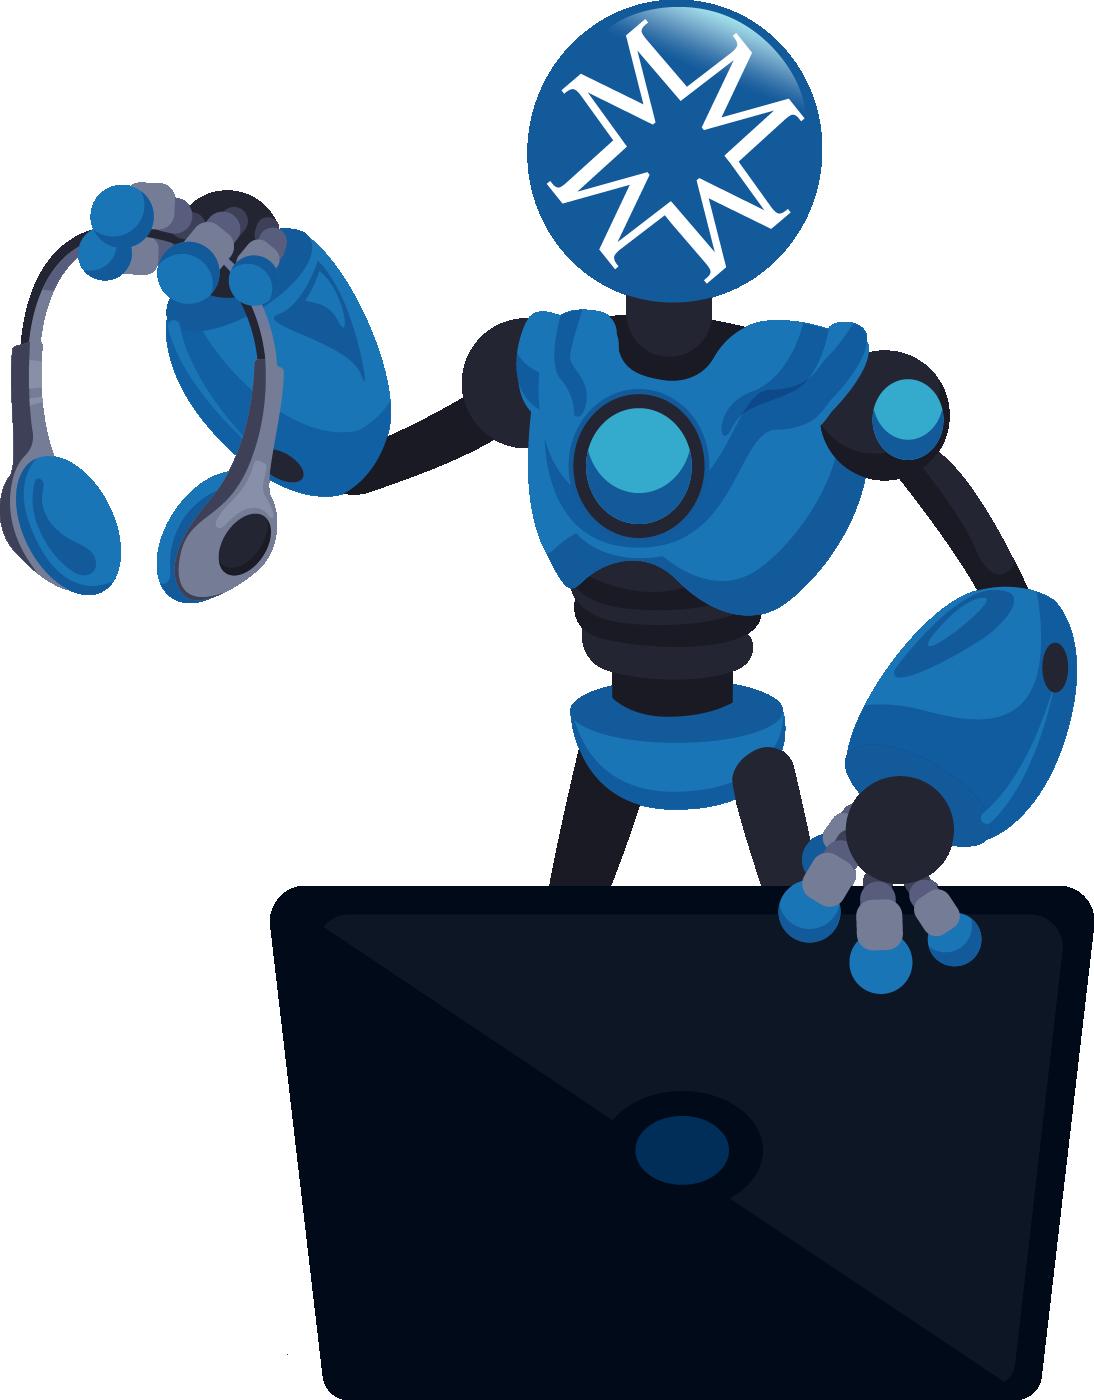 Marketron Robot